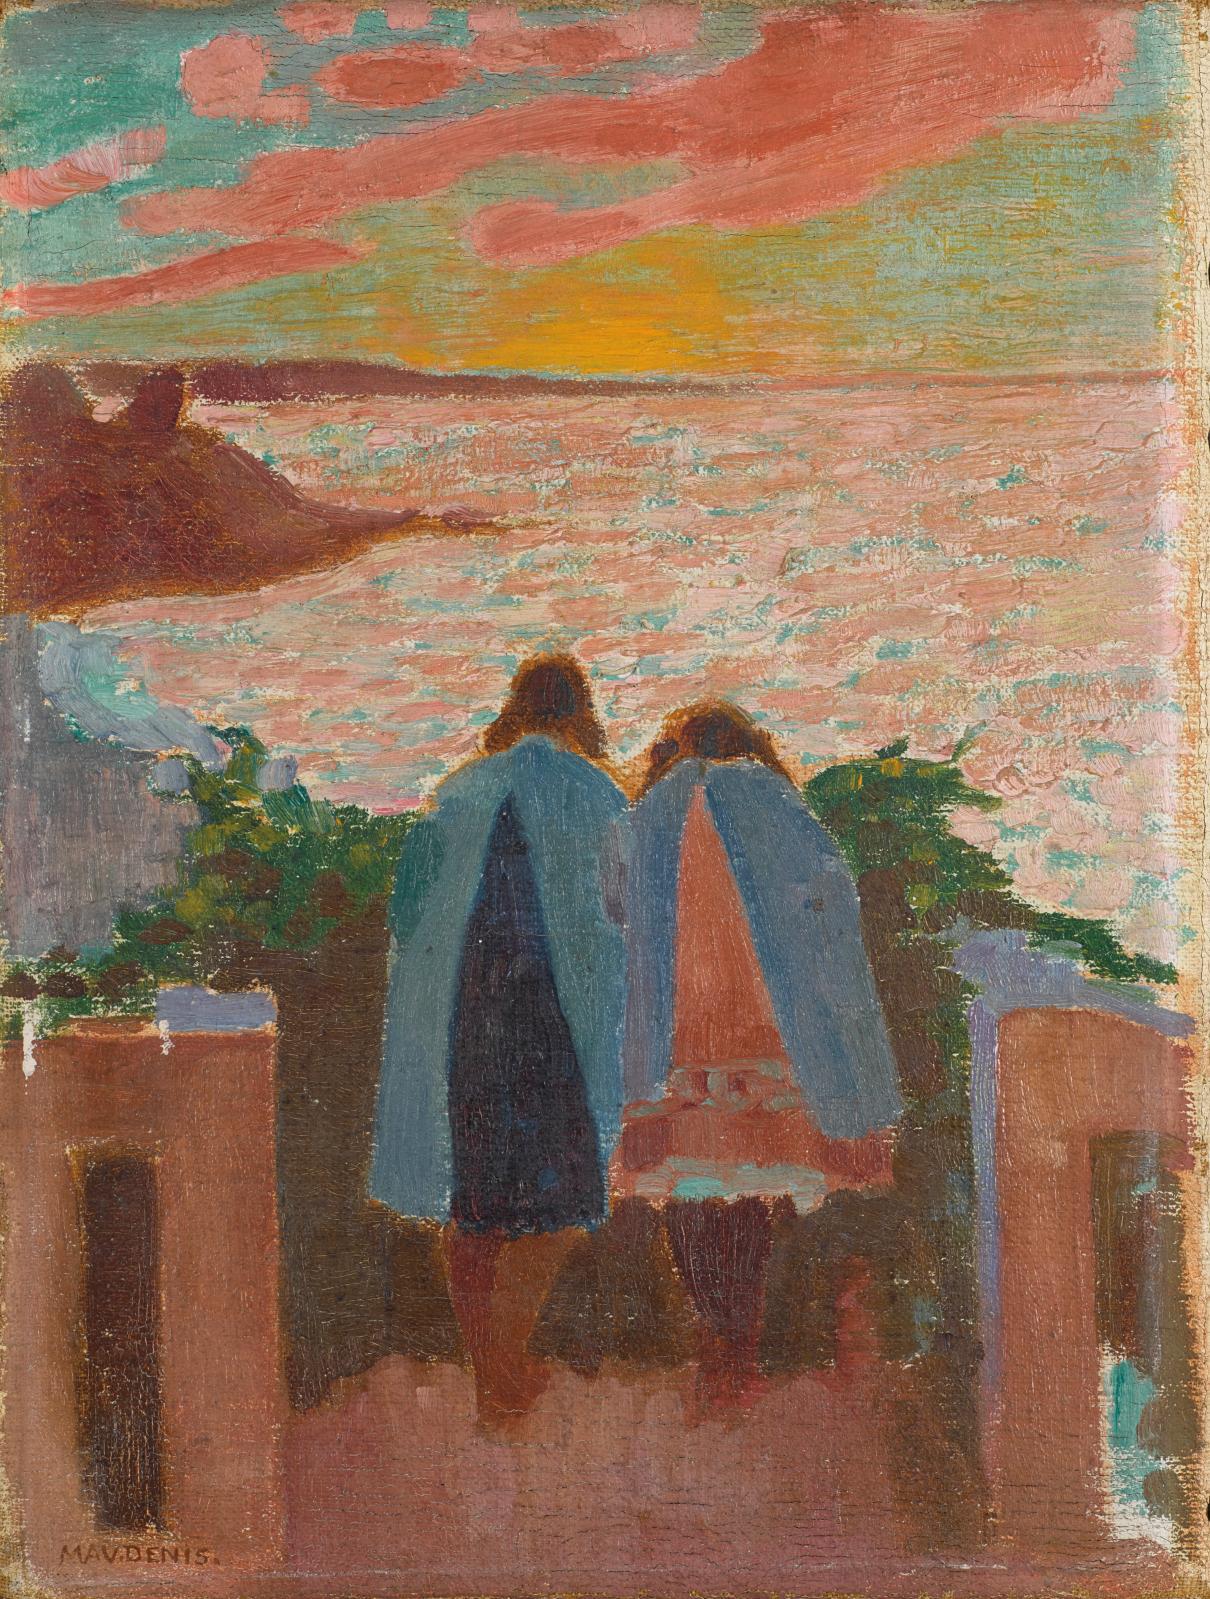 Maurice Denis, Deux jeunes filles sur le balcon de Silencio (Two Girls on the balcony of the Villa Silencio), 1908, oil on canvas, 33 x 24